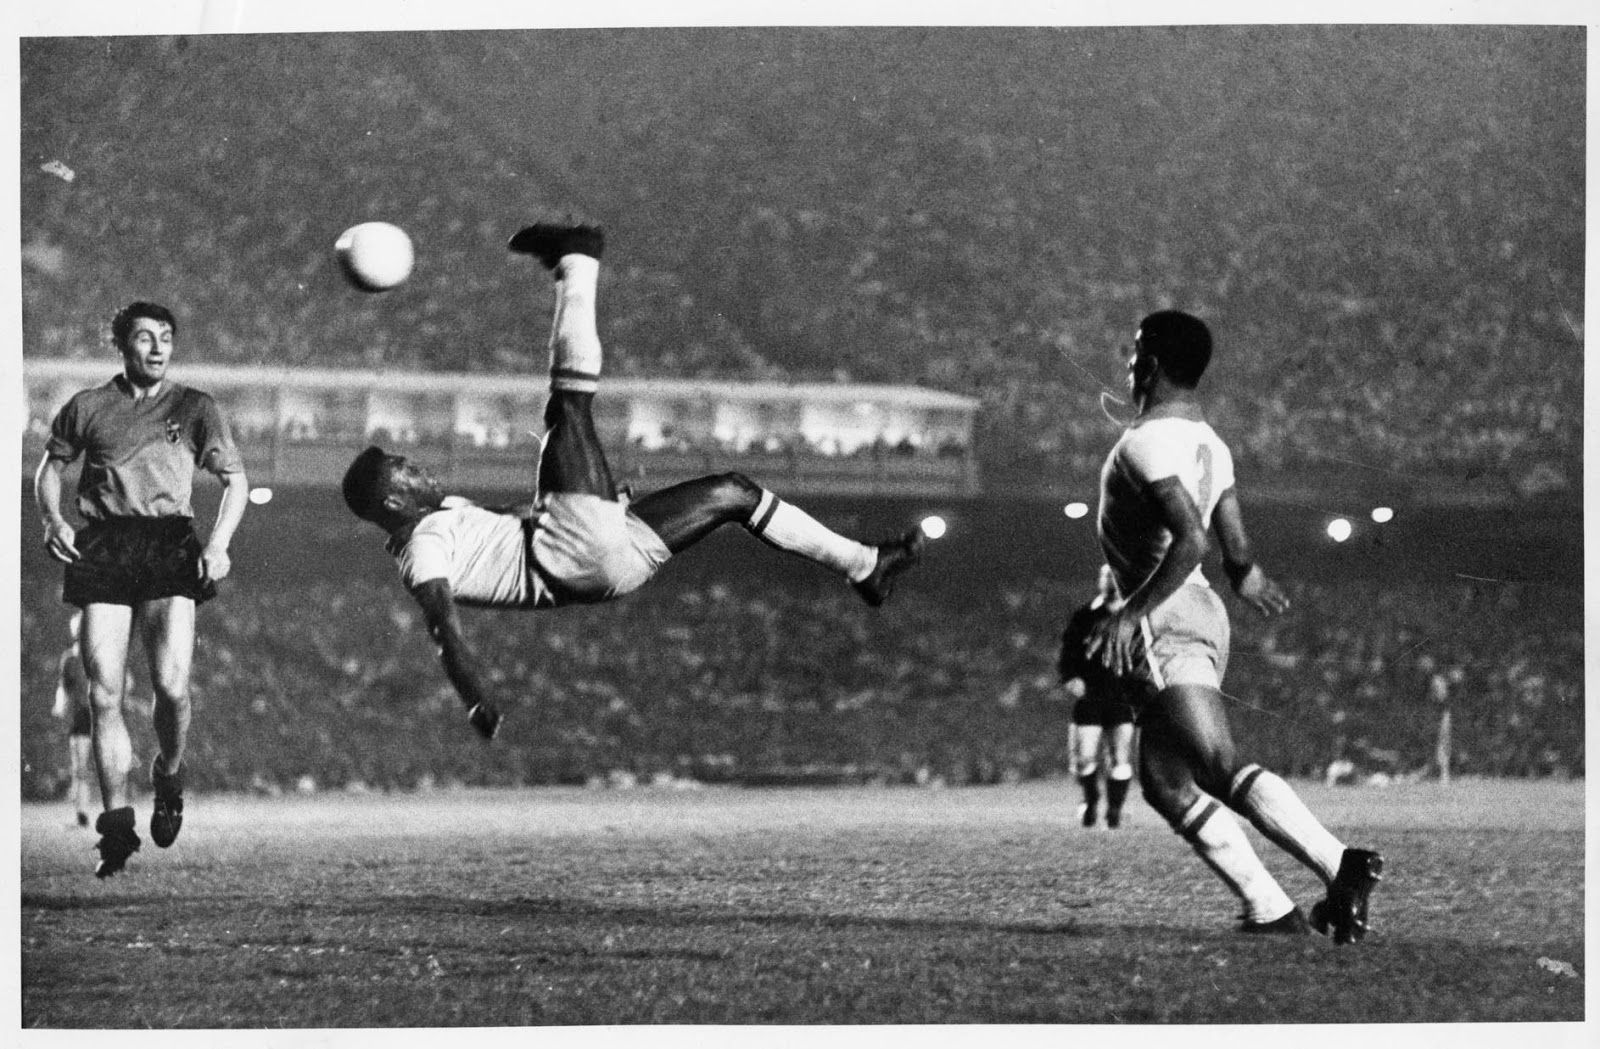 Vamos con algo de fútbol ¿Cuántas veces Brasil fue sede de la copa del mundo? ¿En que año/os?